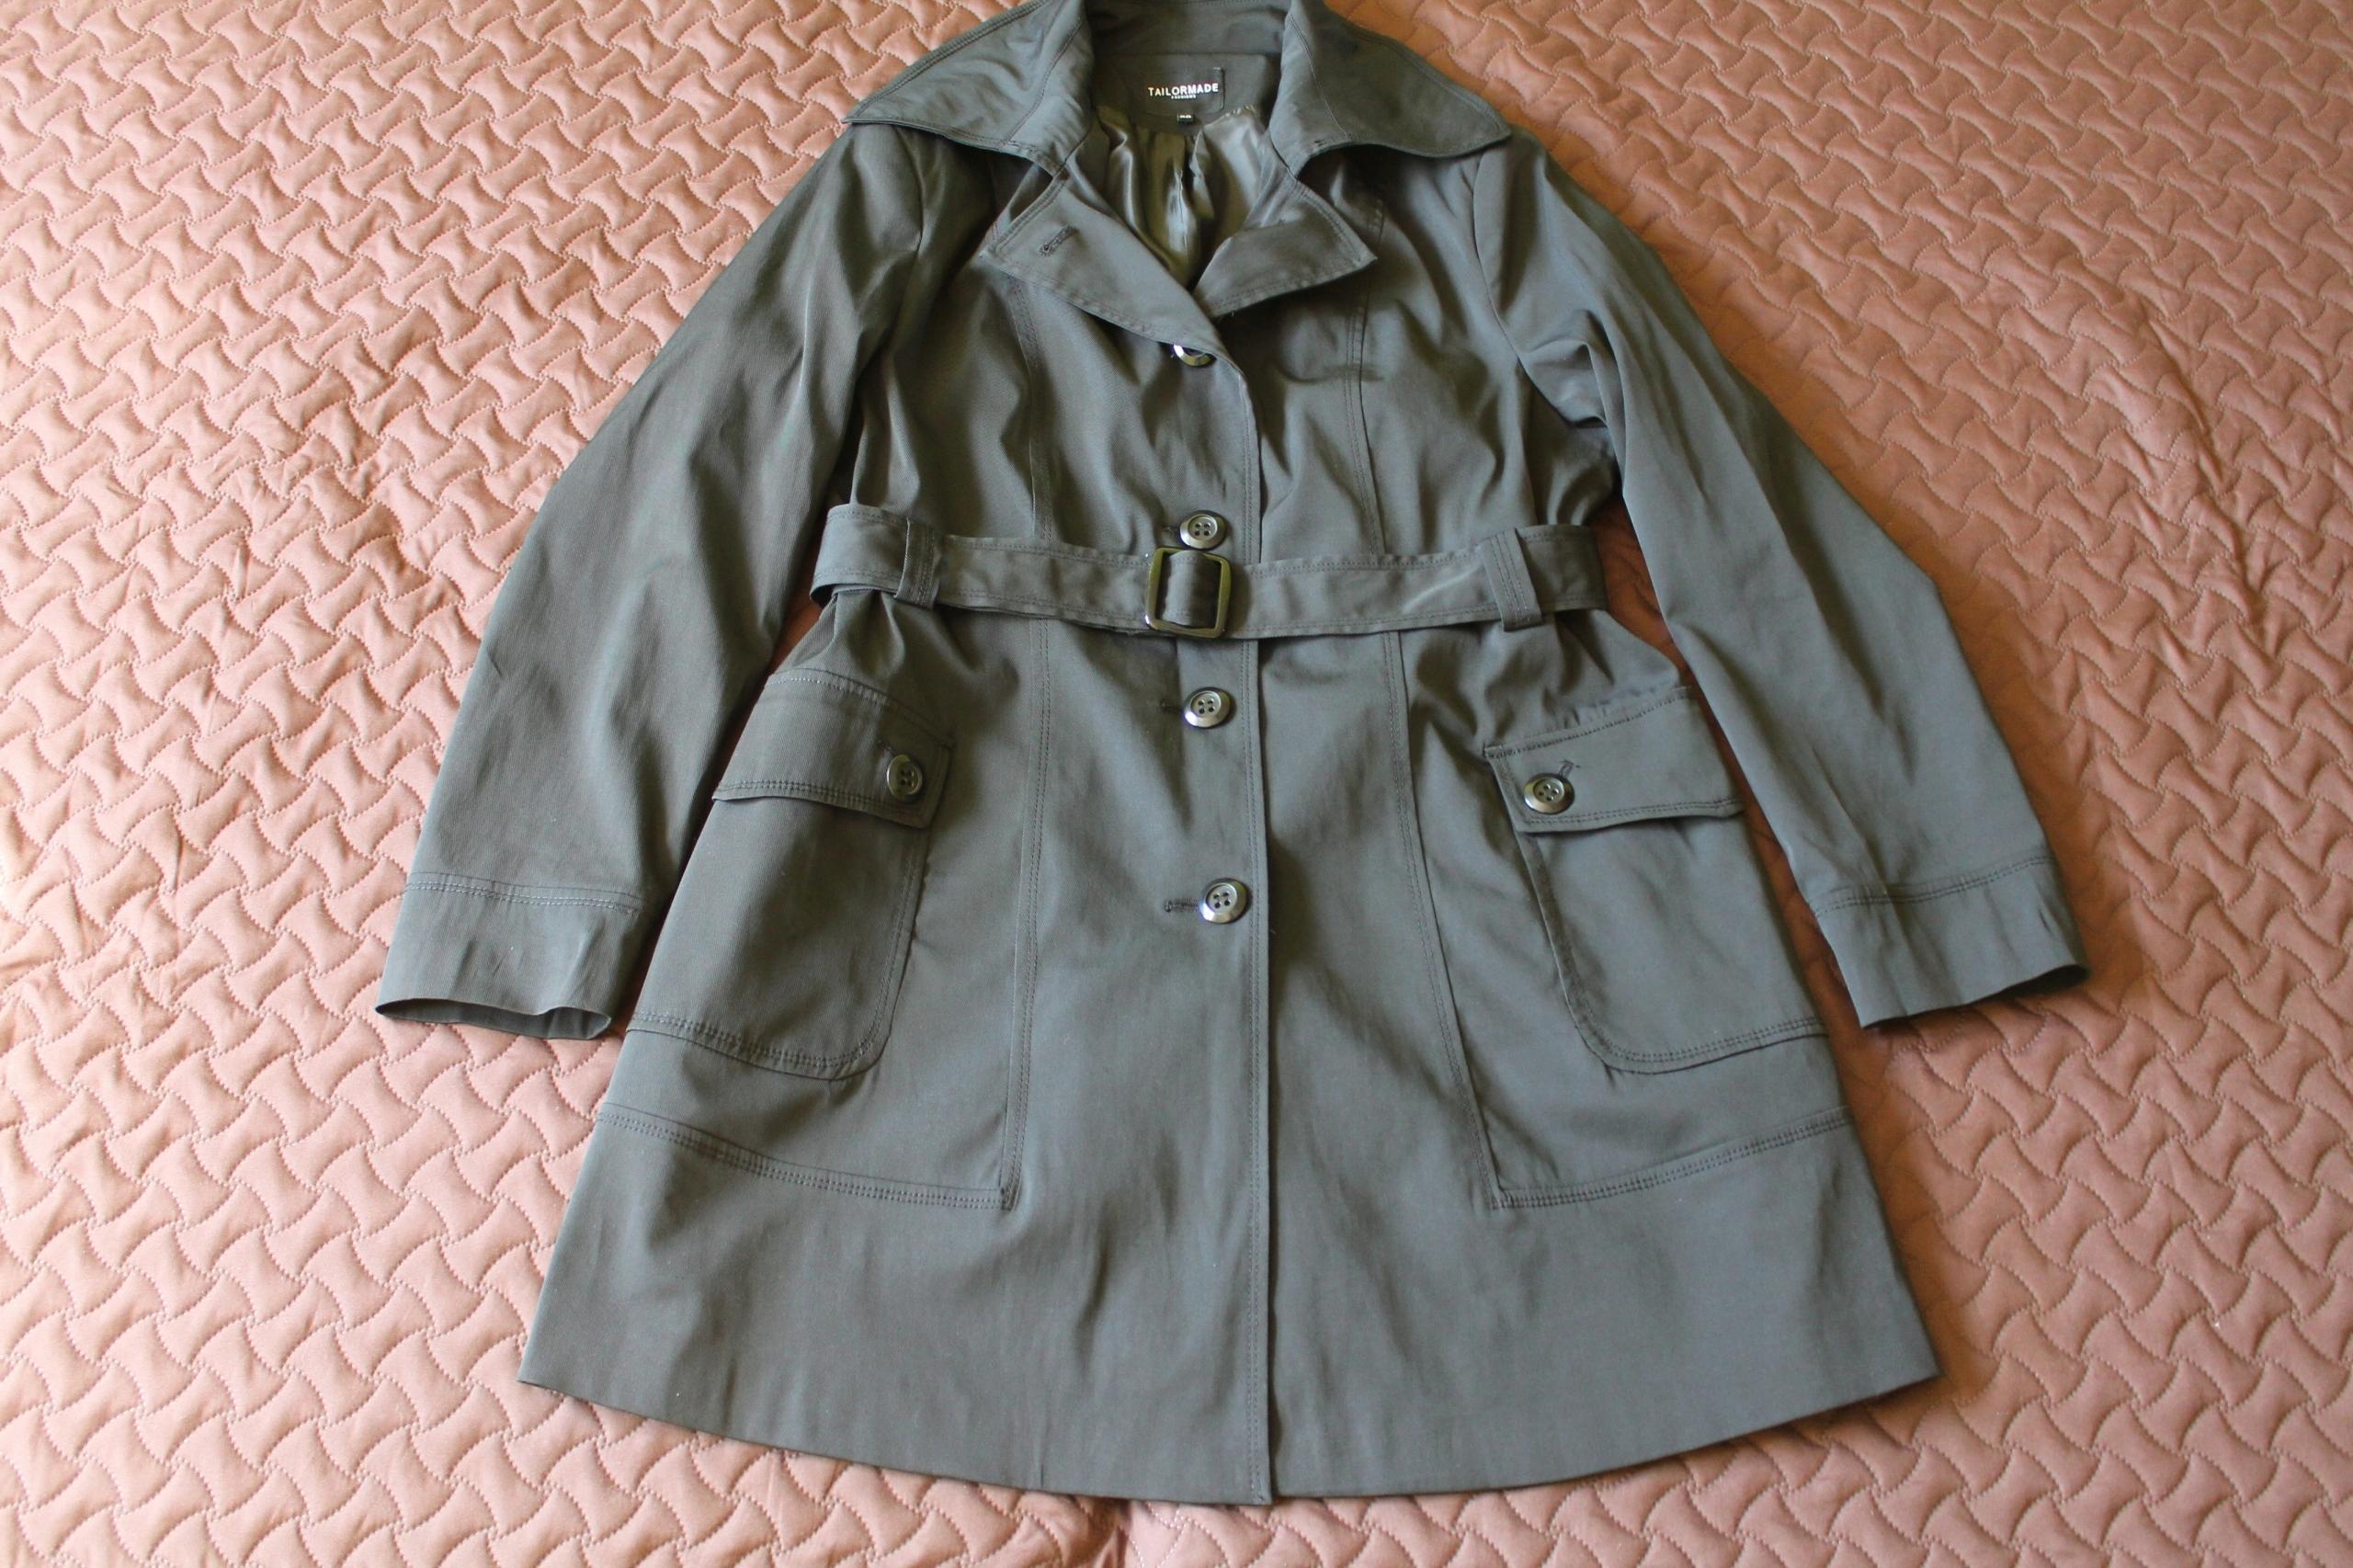 39b74325 Śliczny jesienny płaszcz roz. 48. IDEALNY - 7508153037 - oficjalne ...